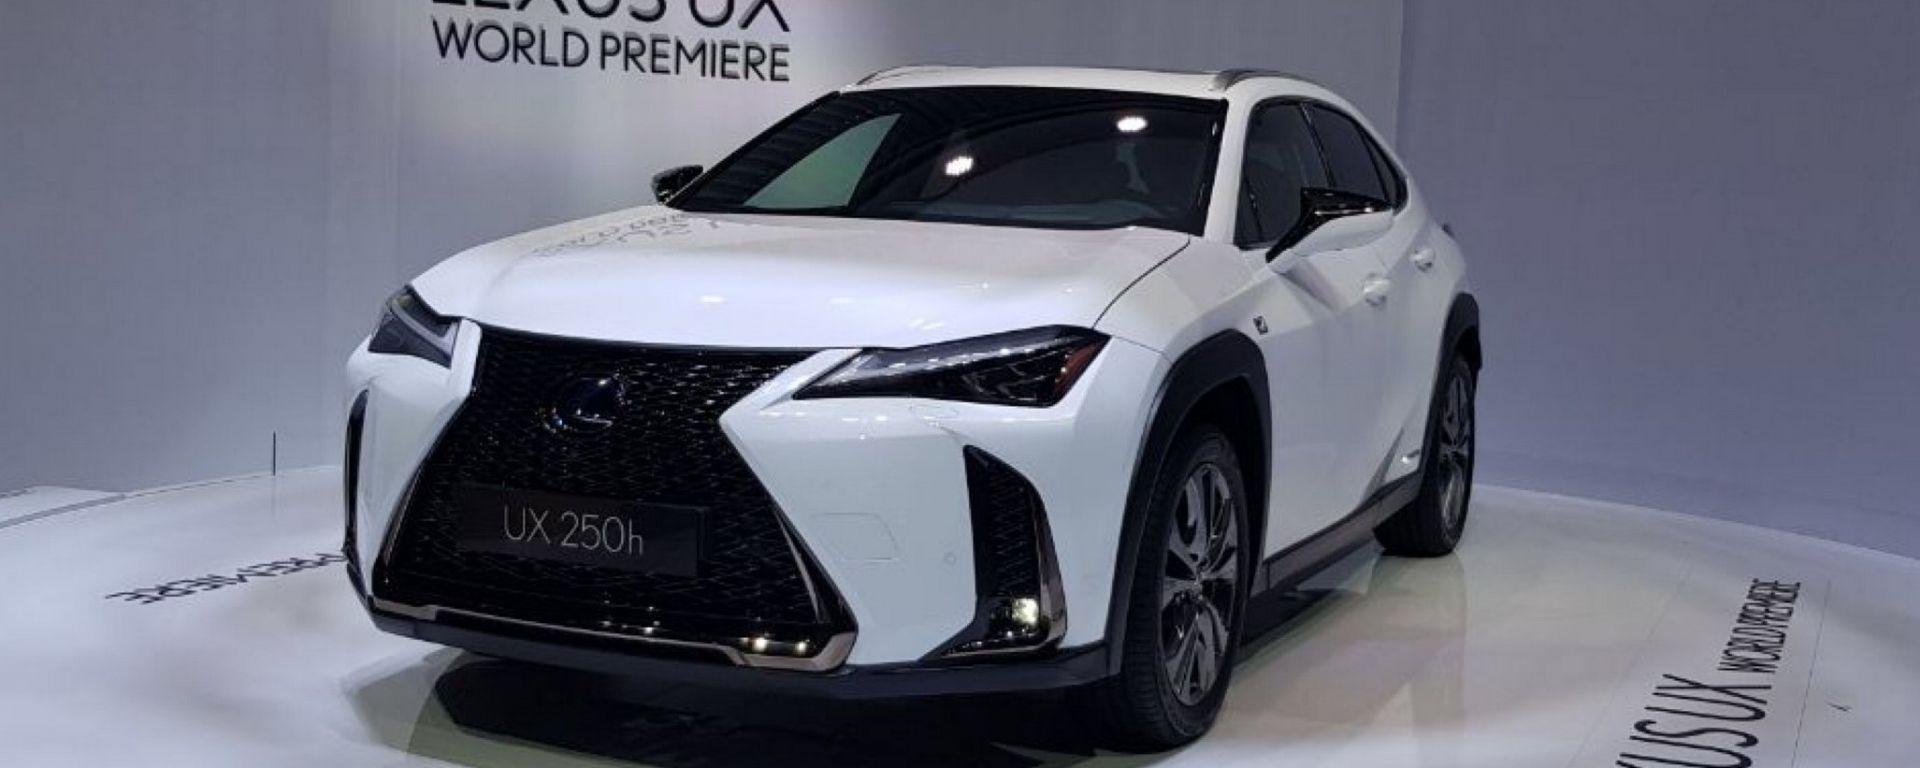 Lexus UX: in video dal Salone di Ginevra 2018